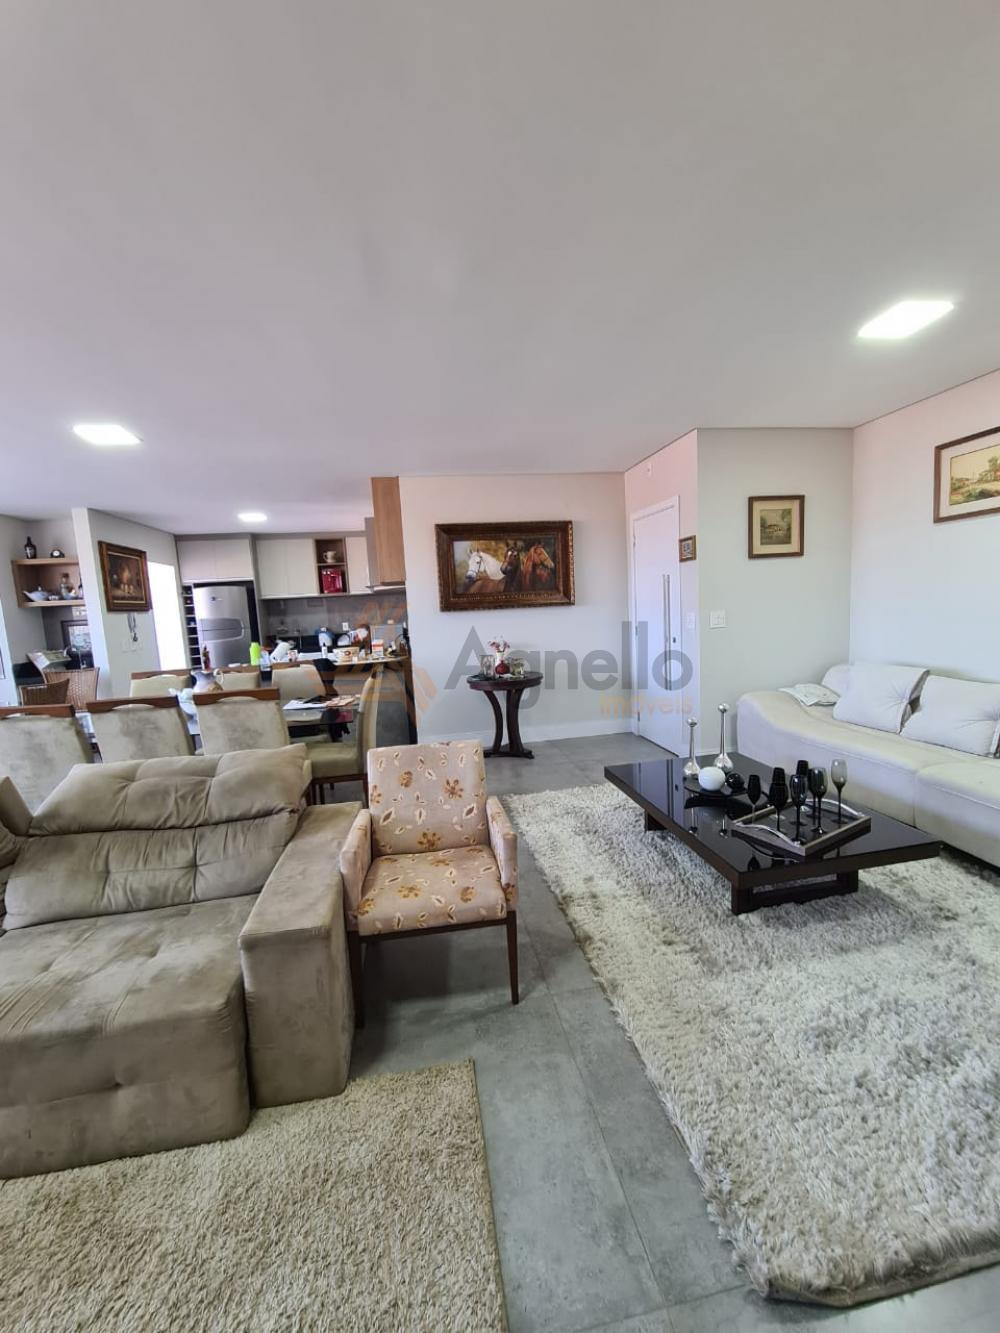 Comprar Apartamento / Padrão em Franca R$ 850.000,00 - Foto 1